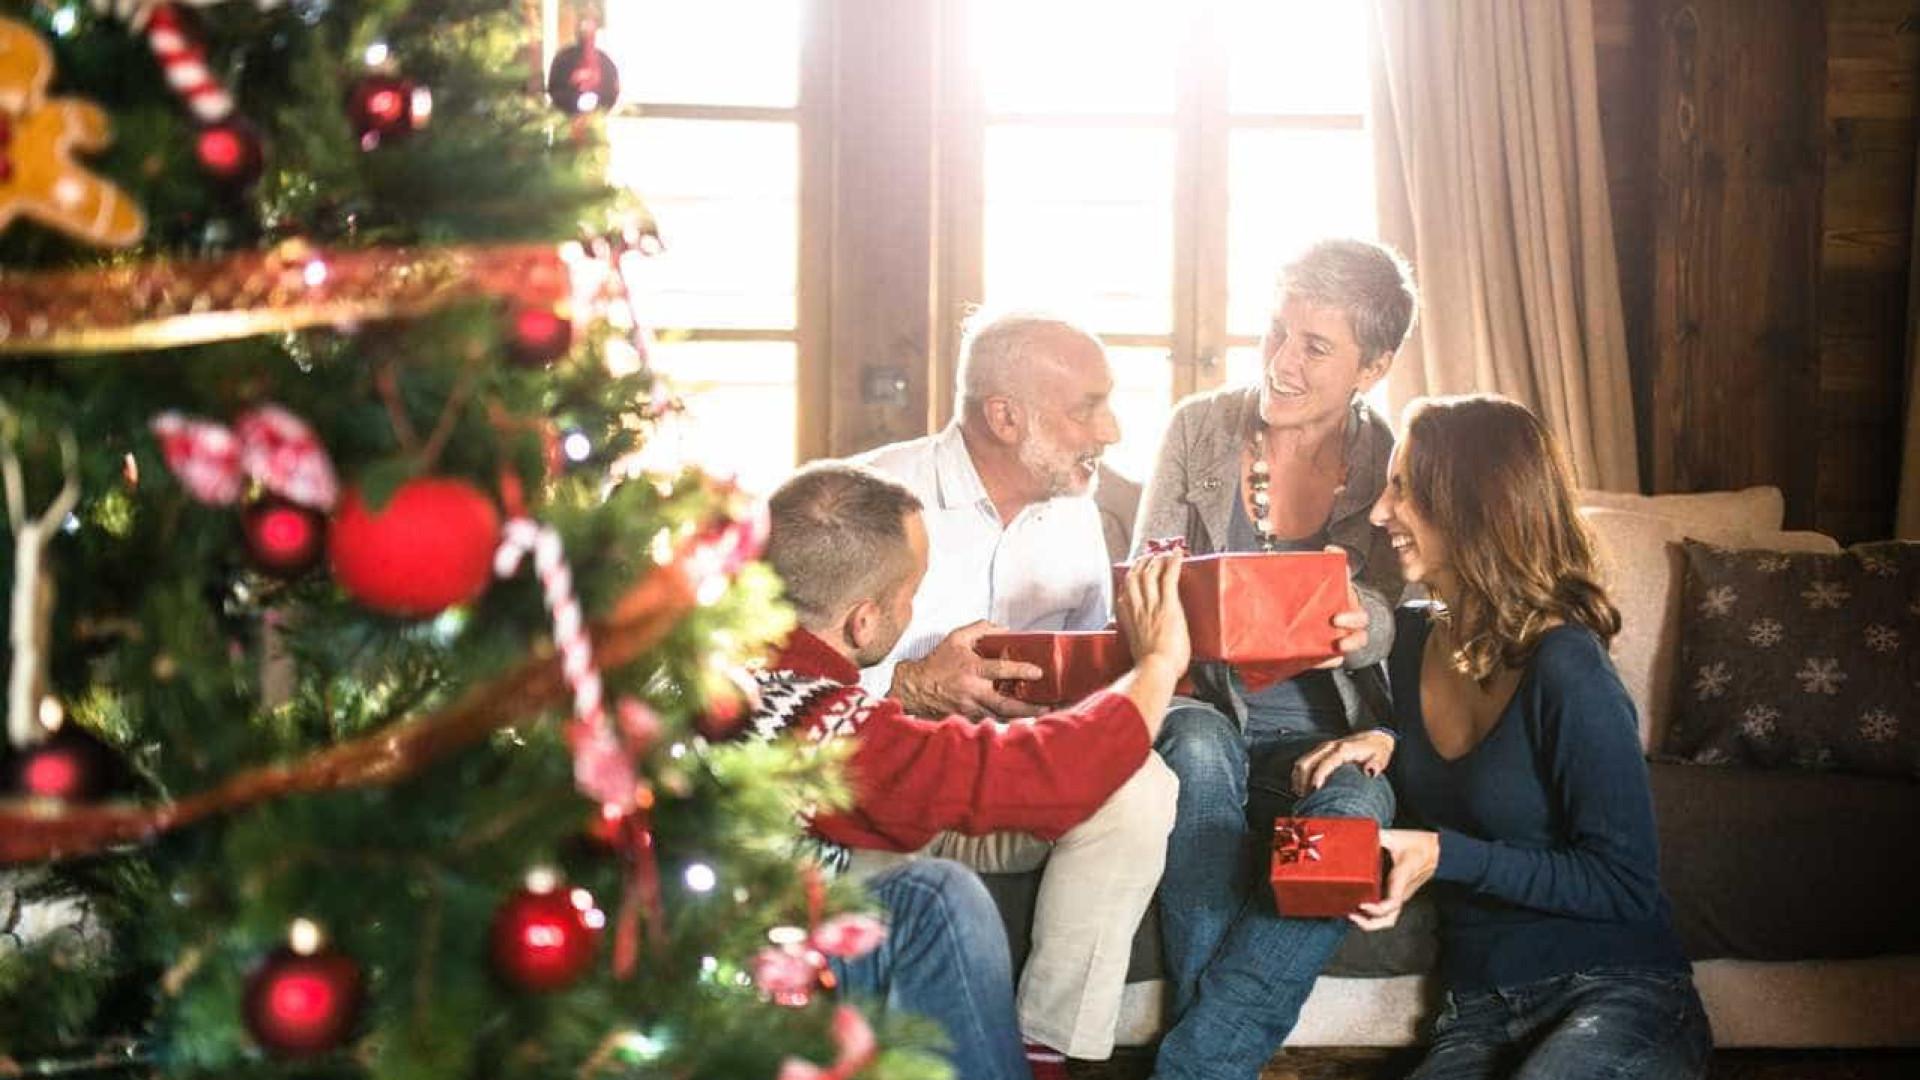 Portugueses mais generosos este Natal. E querem fazer as compras cedo